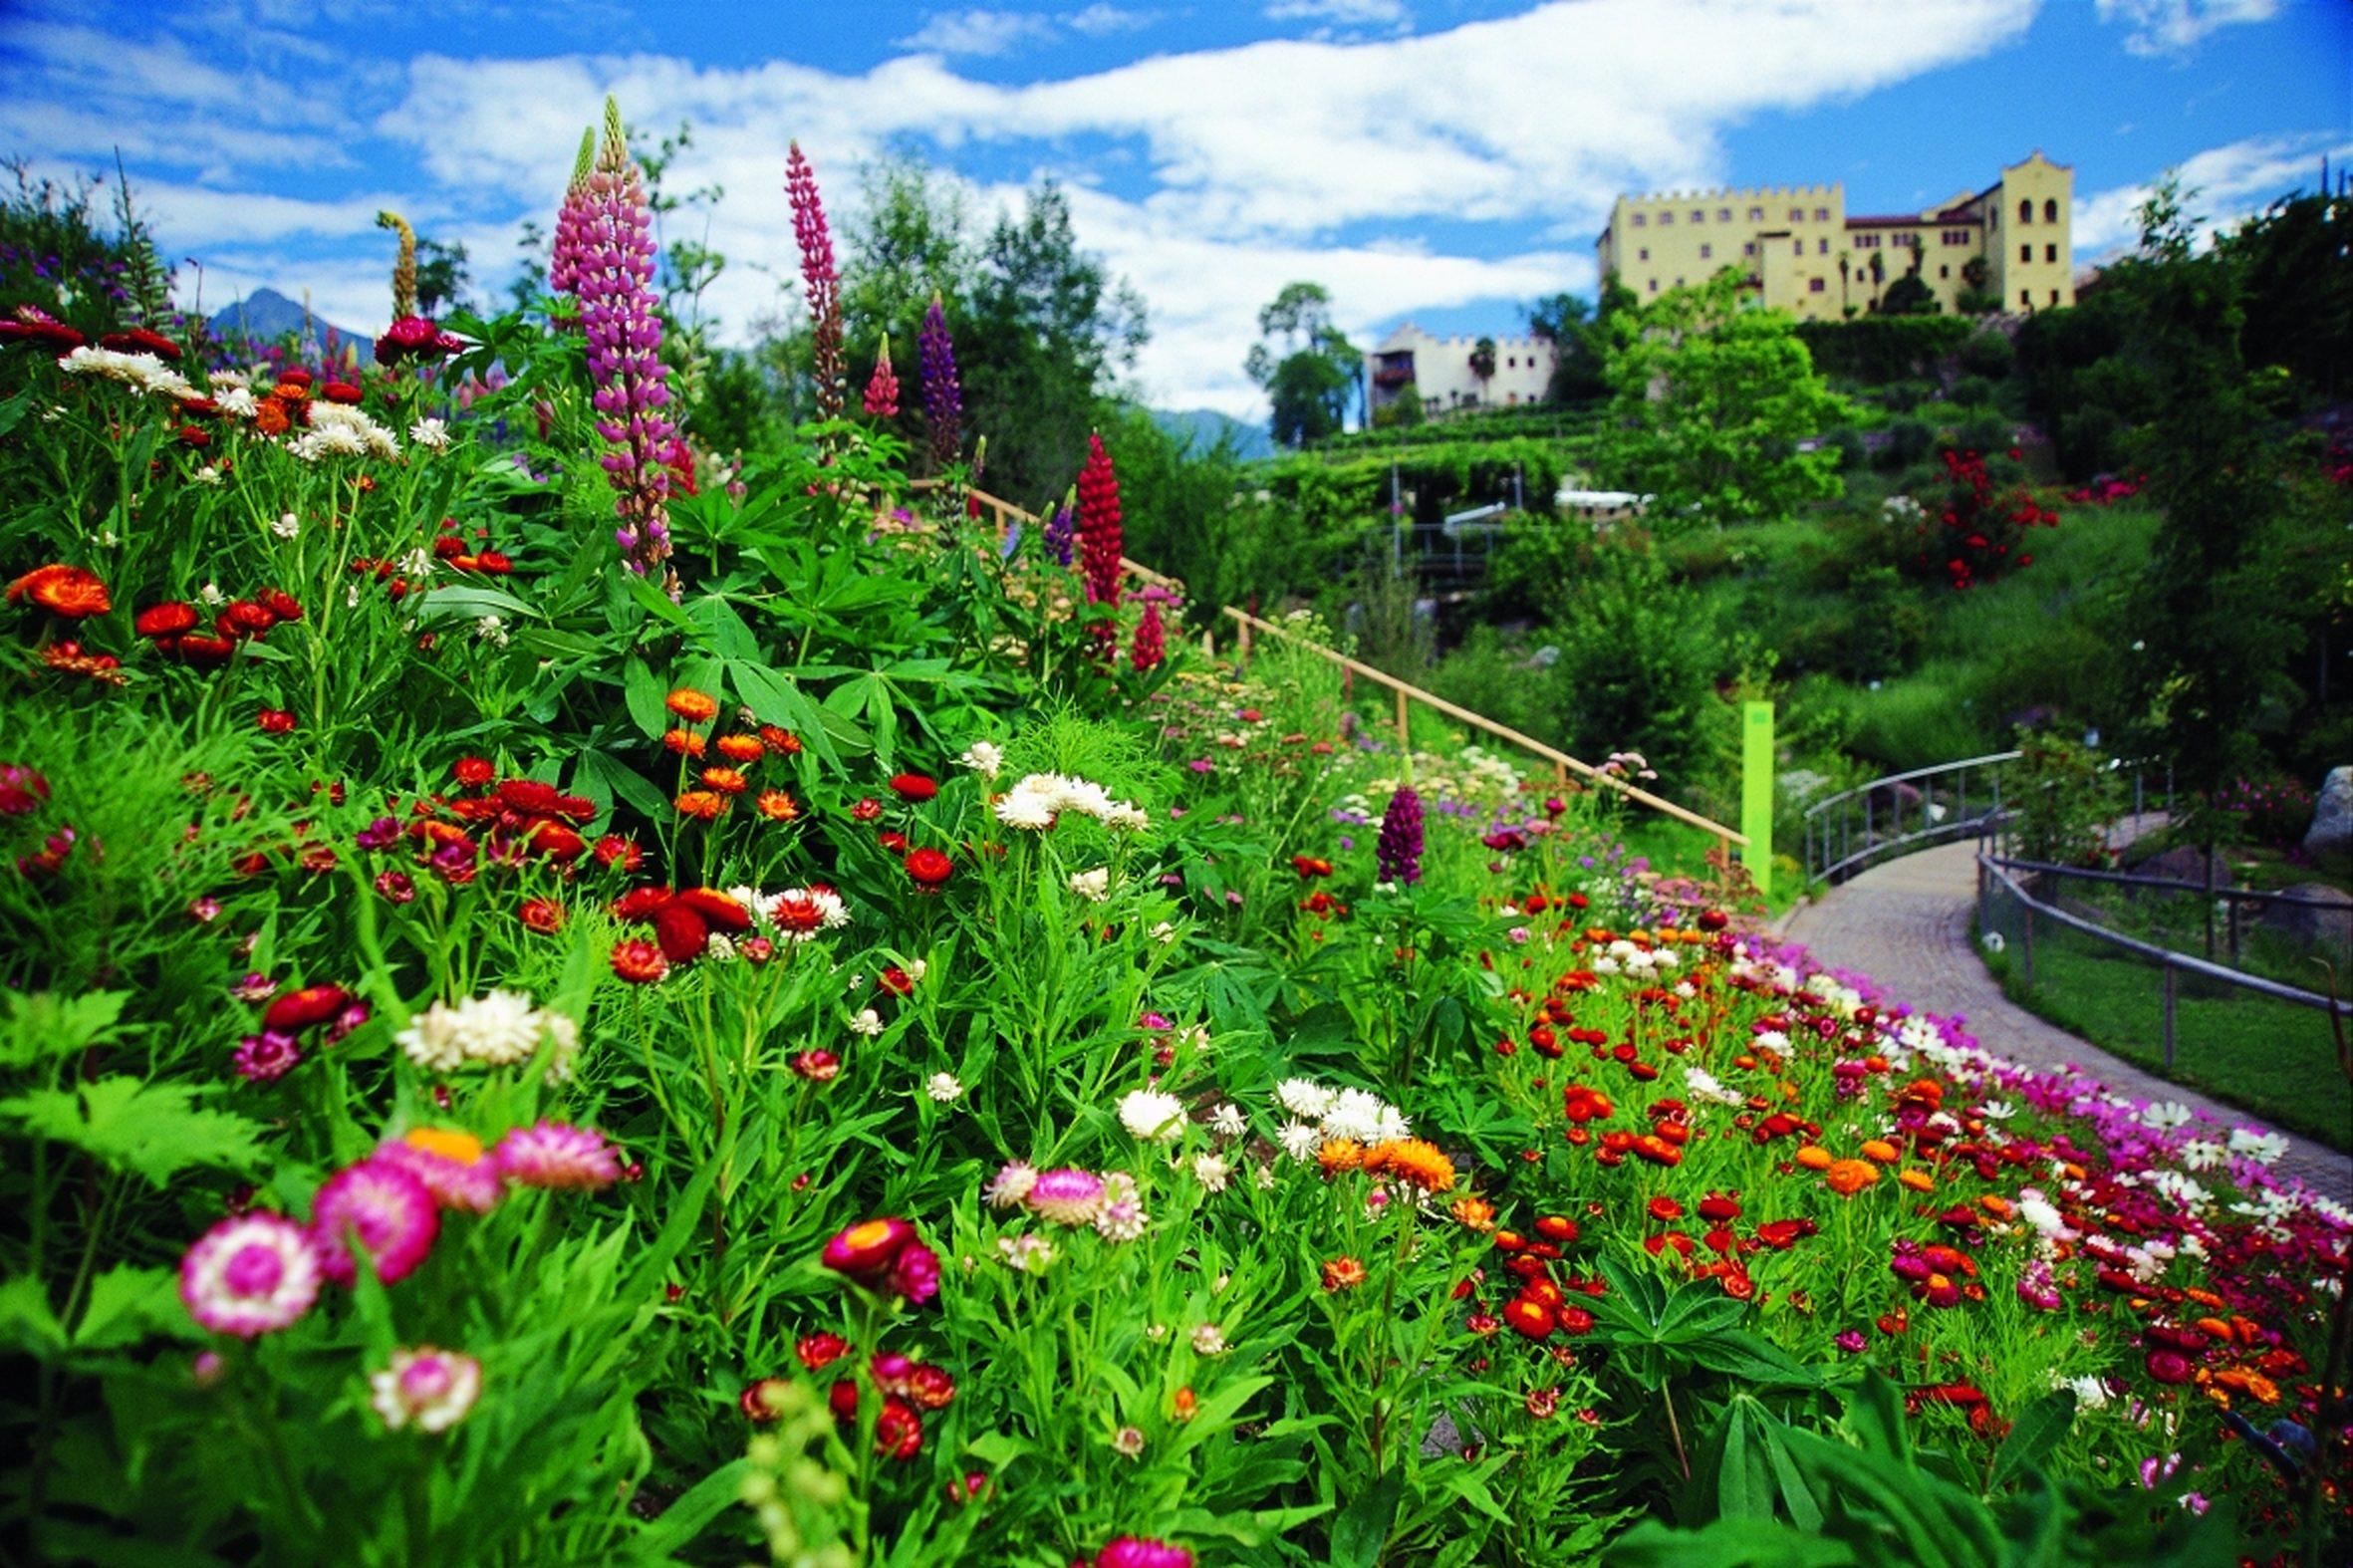 Awesome with giardini terrazzati - Giardini terrazzati immagini ...